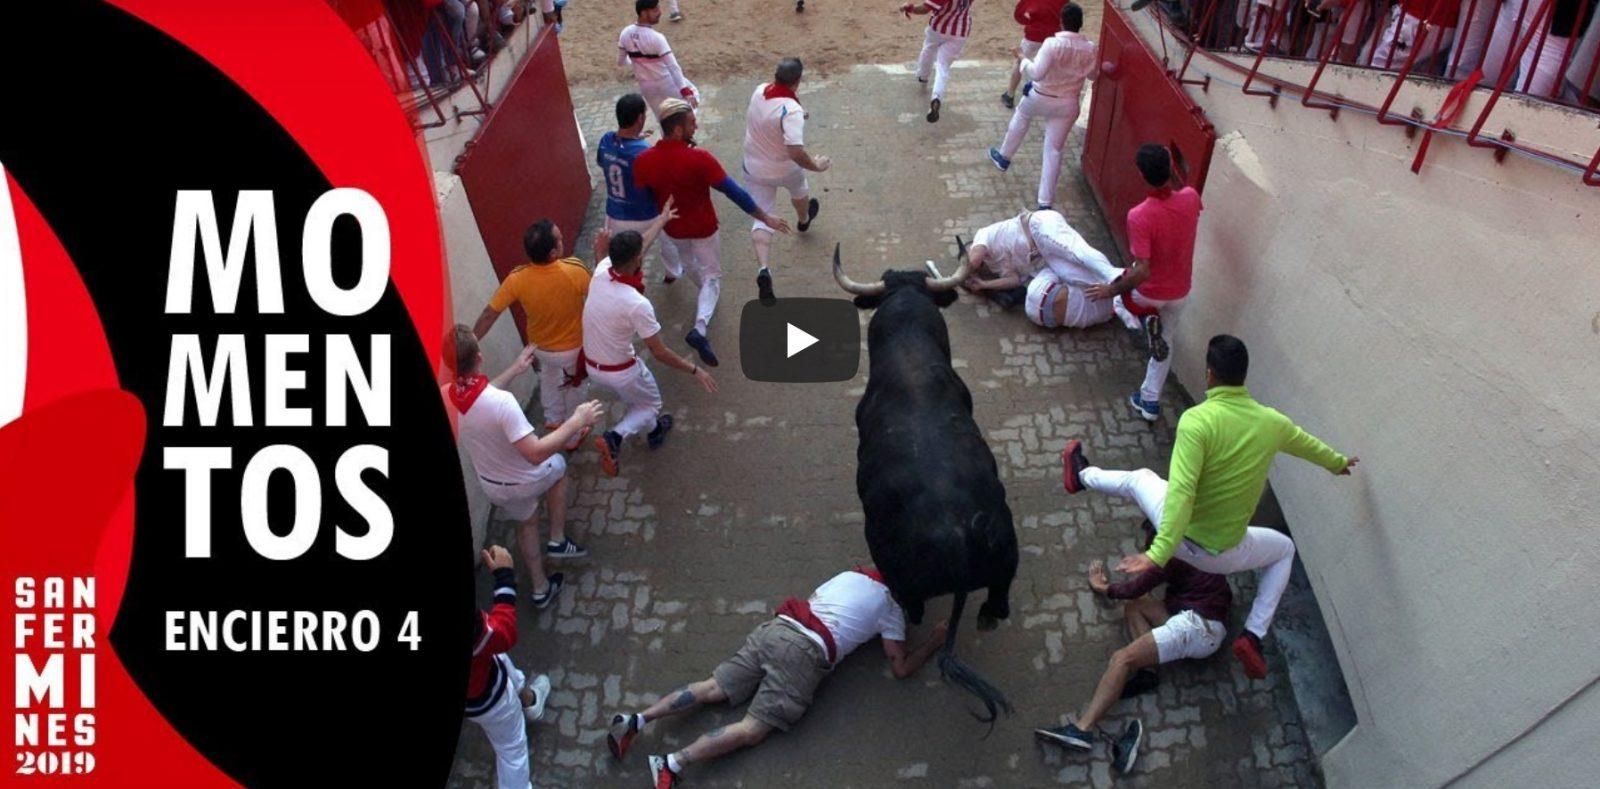 VIDEO // Les meilleures images du 4ème Encierro | Toros de Jandilla | San Fermín Pamplona 2019